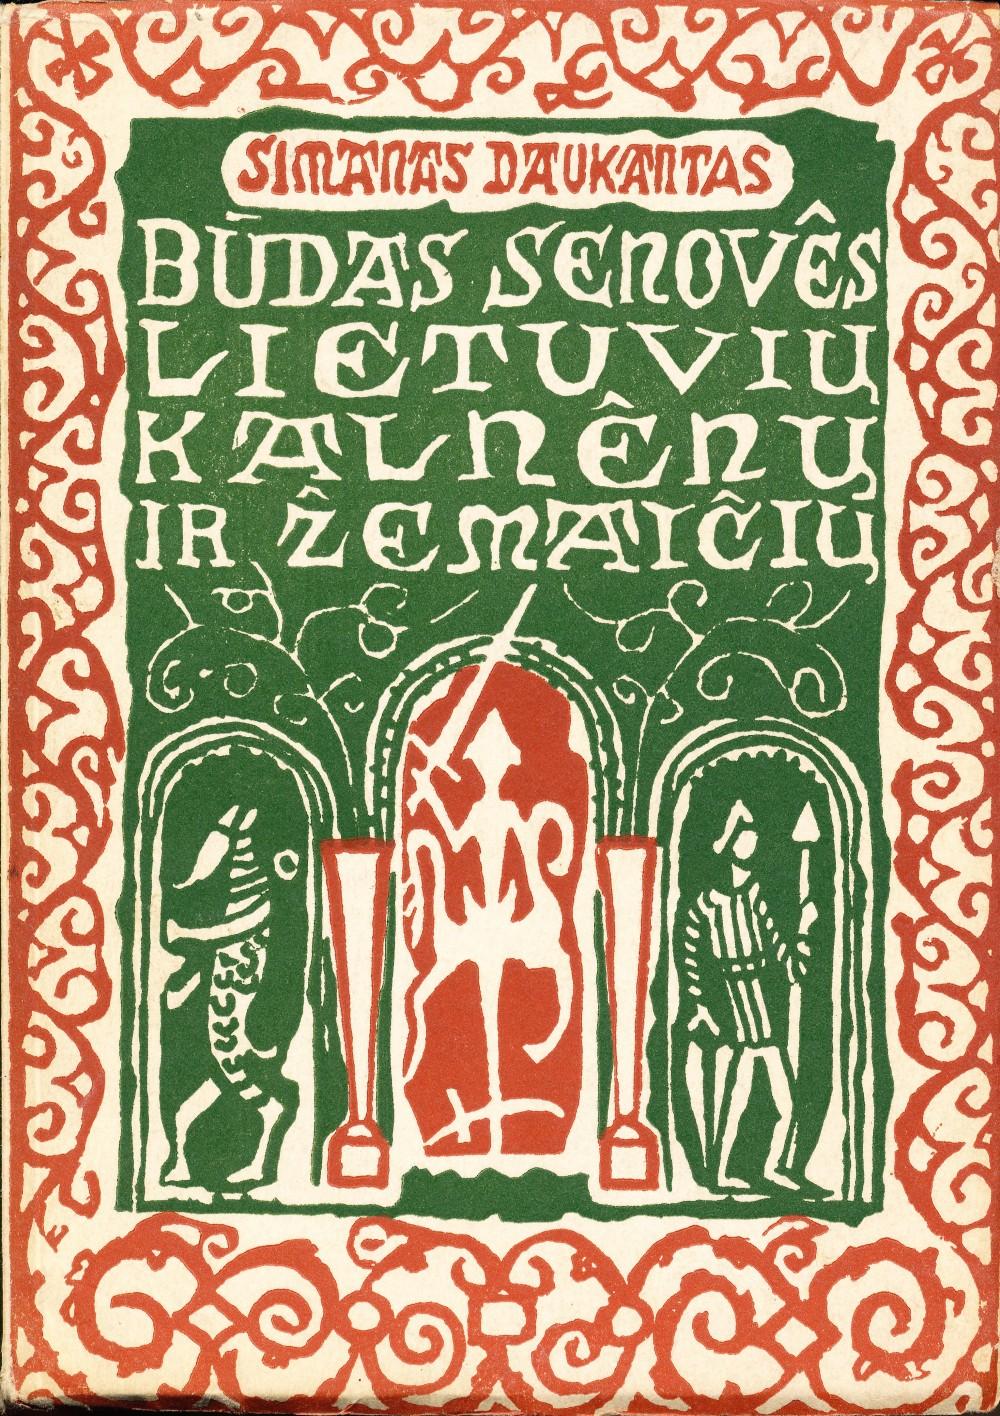 S. Daukantas. Būdas senovės lietuvių, kalnėnų ir žemaičių. Viršelį piešė Viktoras Petravičius. Išleido Vytautas Saulius. Čikaga. 1954 m.